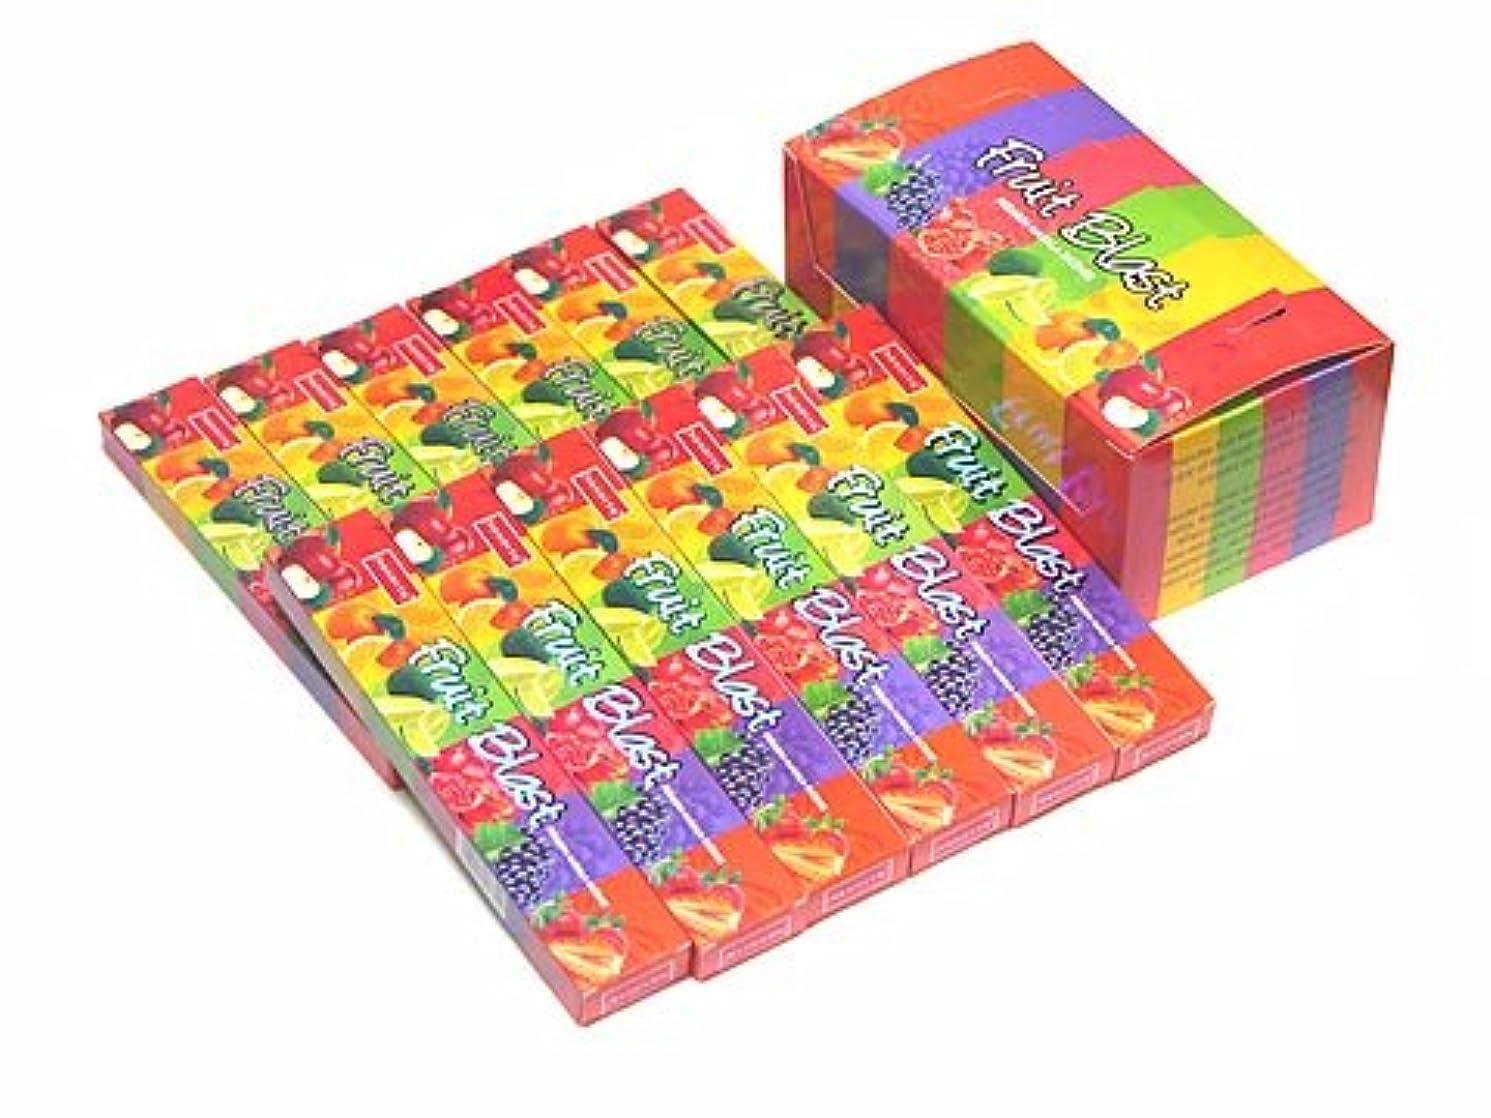 仕出します薬用屈辱するNANDITA(ナンディータ) フルーツブラスト香 スティック FRUIT BLAST 12箱セット